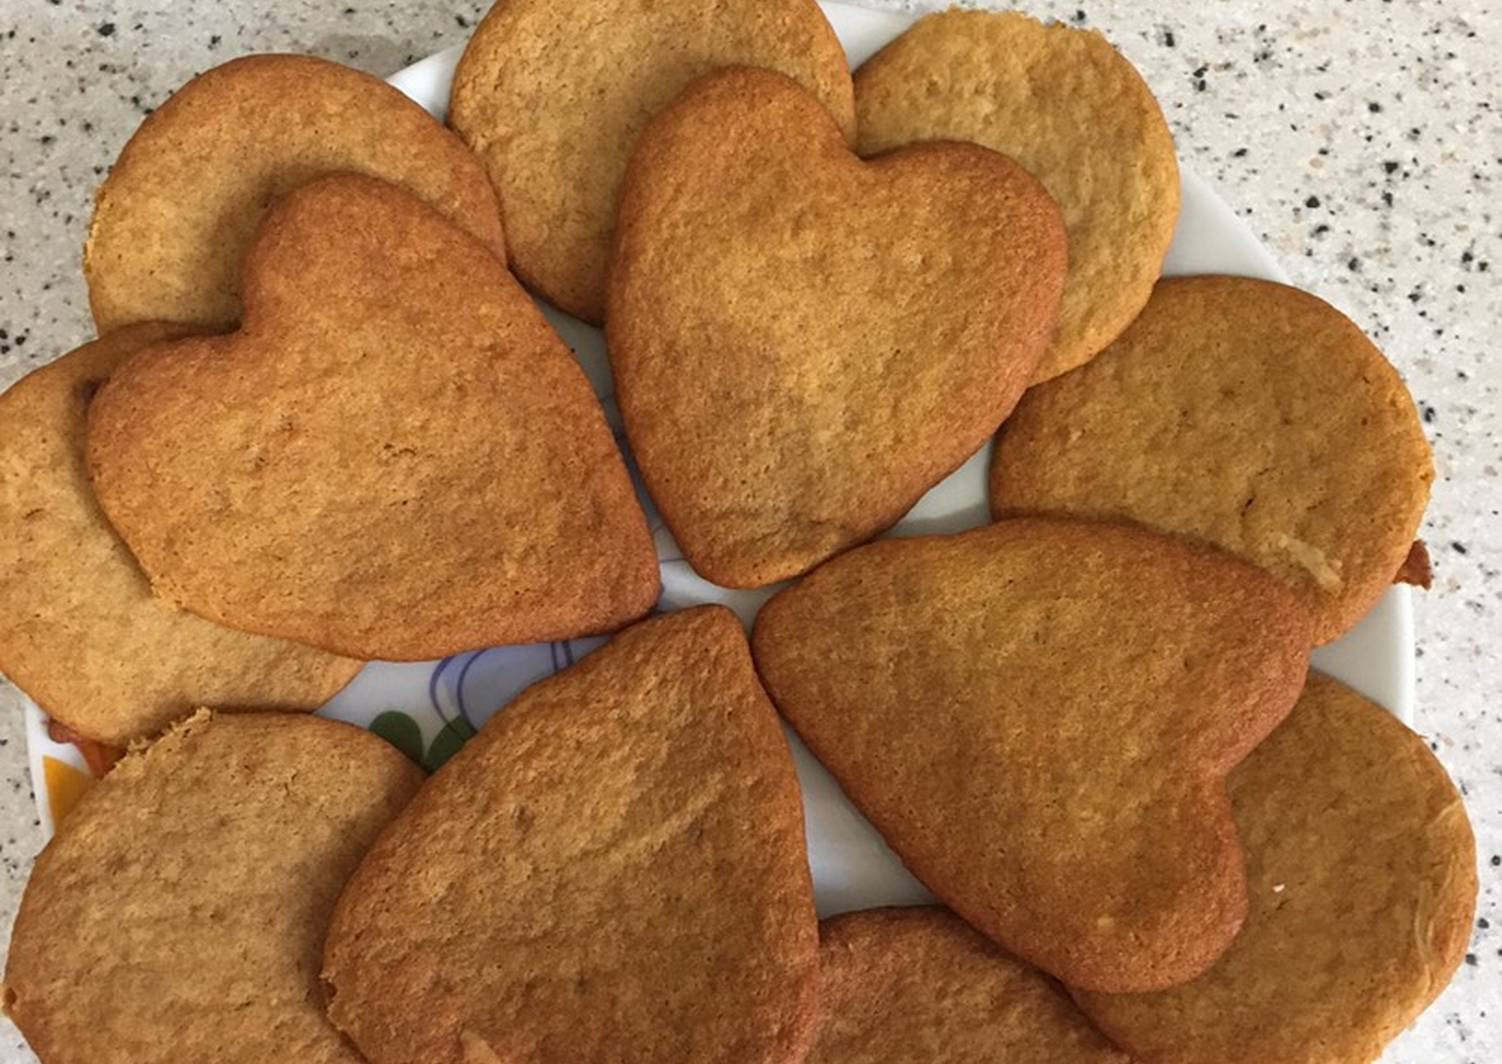 статья печенье из меда рецепт с фото двух дочерей